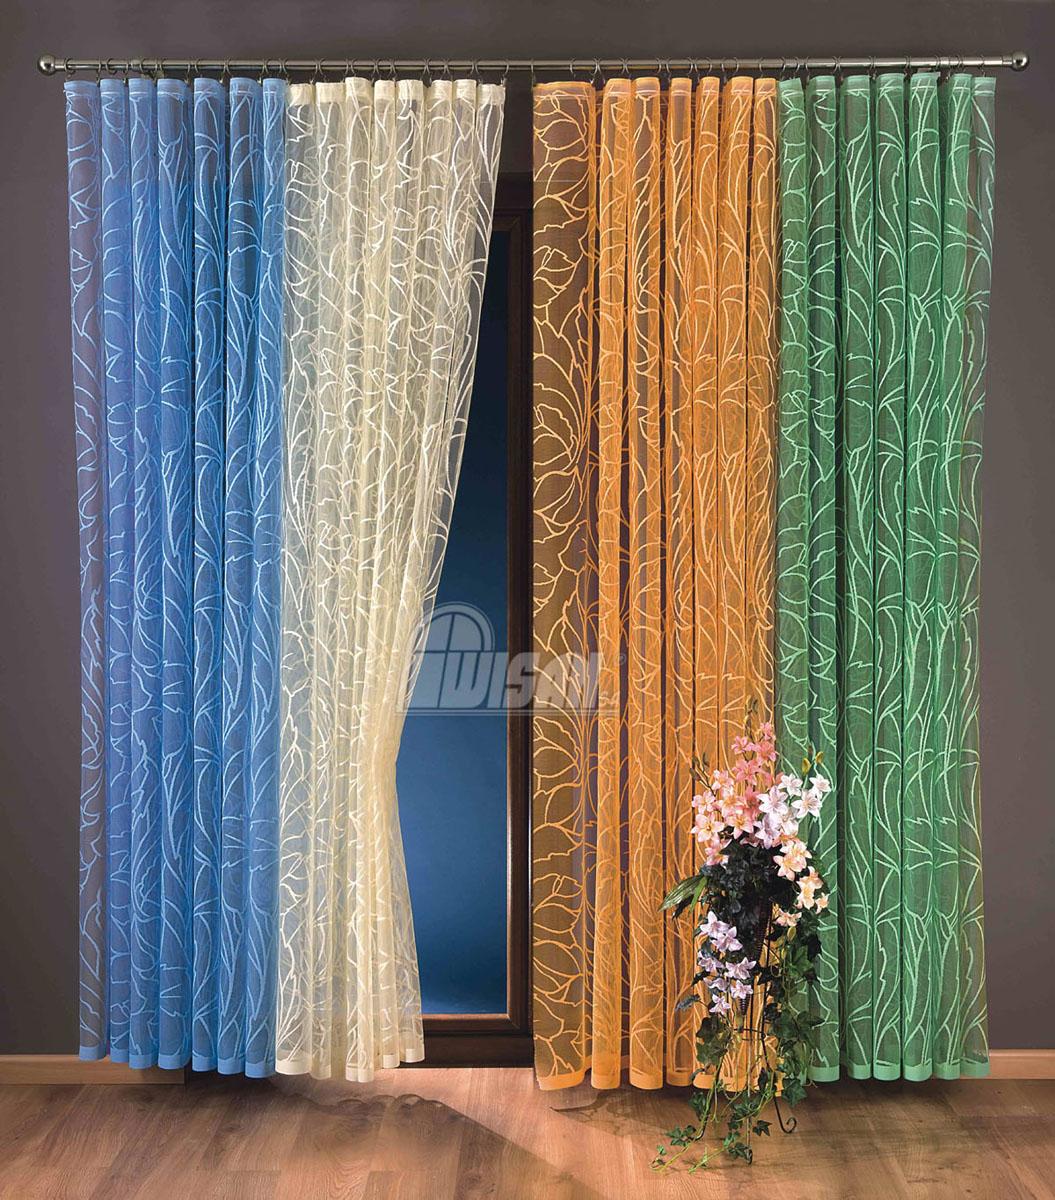 Гардина-тюль Zara, на ленте, цвет: голубой, высота 250 см737871Воздушная гардина-тюль Zara, изготовленная из полиэстера голубого цвета, станет великолепным украшением любого окна. Тонкое плетение, оригинальный дизайн и приятная цветовая гамма привлекут к себе внимание и органично впишутся в интерьер комнаты. В гардину-тюль вшита шторная лента. Характеристики:Материал: 100% полиэстер. Цвет: голубой. Размер упаковки:27 см х 36 см х 3 см. Артикул: 737871.В комплект входит:Гардина-тюль - 1 шт. Размер (Ш х В): 150 см х 250 см. Фирма Wisan на польском рынке существует уже более пятидесяти лет и является одной из лучших польских фабрик по производству штор и тканей. Ассортимент фирмы представлен готовыми комплектами штор для гостиной, детской, кухни, а также текстилем для кухни (скатерти, салфетки, дорожки, кухонные занавески). Модельный ряд отличает оригинальный дизайн, высокое качество. Ассортимент продукции постоянно пополняется.УВАЖАЕМЫЕ КЛИЕНТЫ!Обращаем ваше внимание на цвет изделия. Цветовой вариант гардины-тюли, данной в интерьере, служит для визуального восприятия товара. Цветовая гамма данной гардины-тюли представлена на отдельном изображении фрагментом ткани.